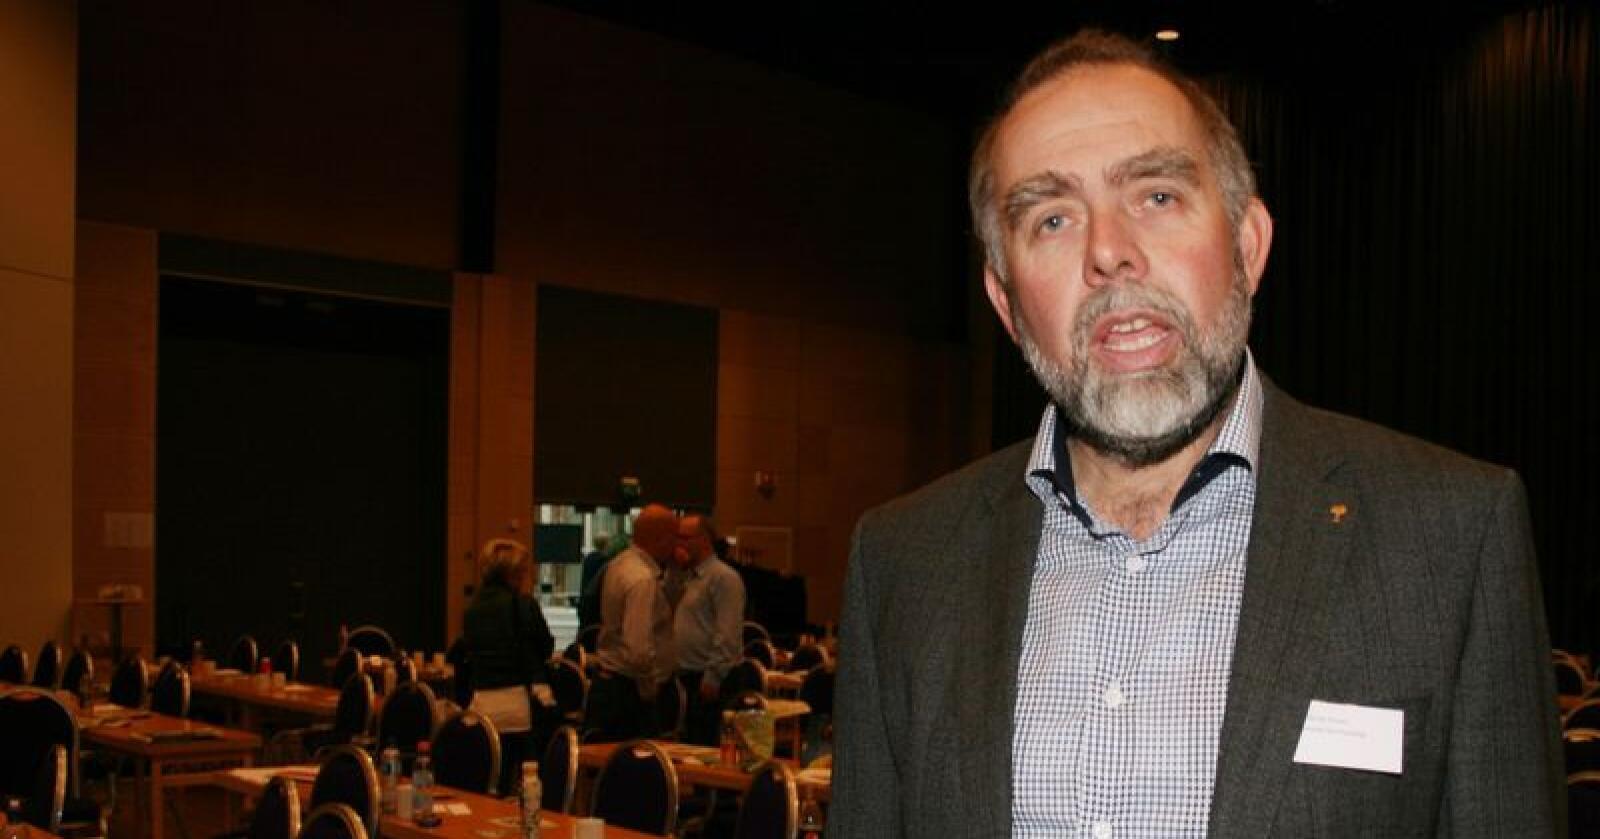 Lars Morten Rosmo er Norturas øverste tillitsvalgte i Midt-Norge. Han erkjennner at det der delte meninger om den nye modellen for inntransport i regionen. Foto: Bjarne Bekkeheien Aase